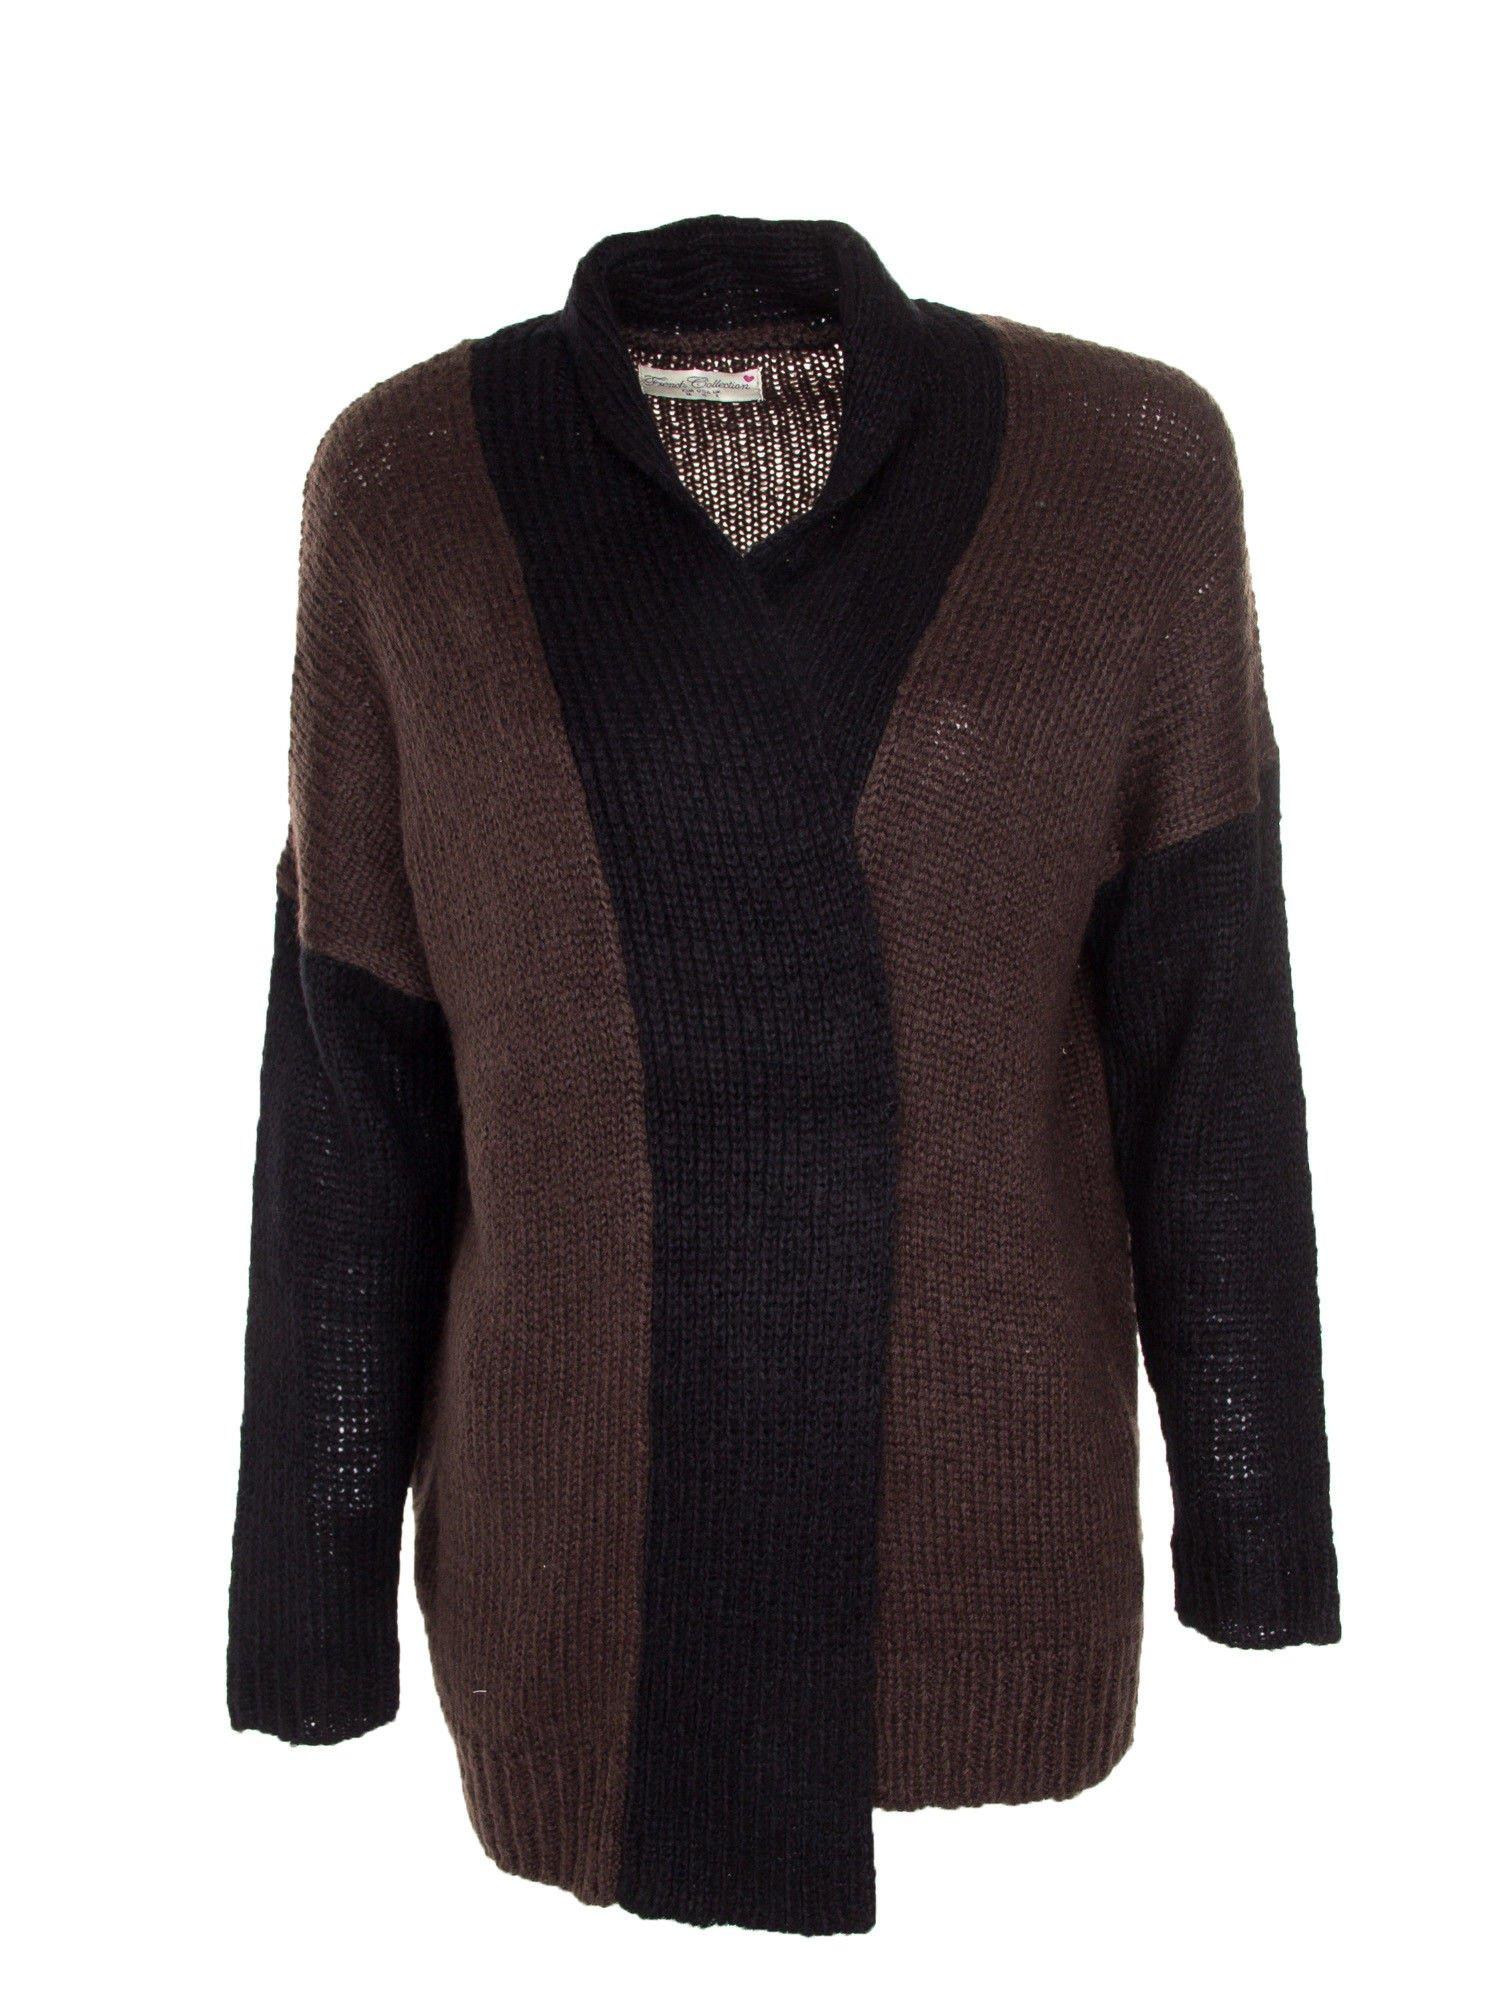 Ciemnobrązowy sweter z kontrastowym pasem i rękawami                                  zdj.                                  7